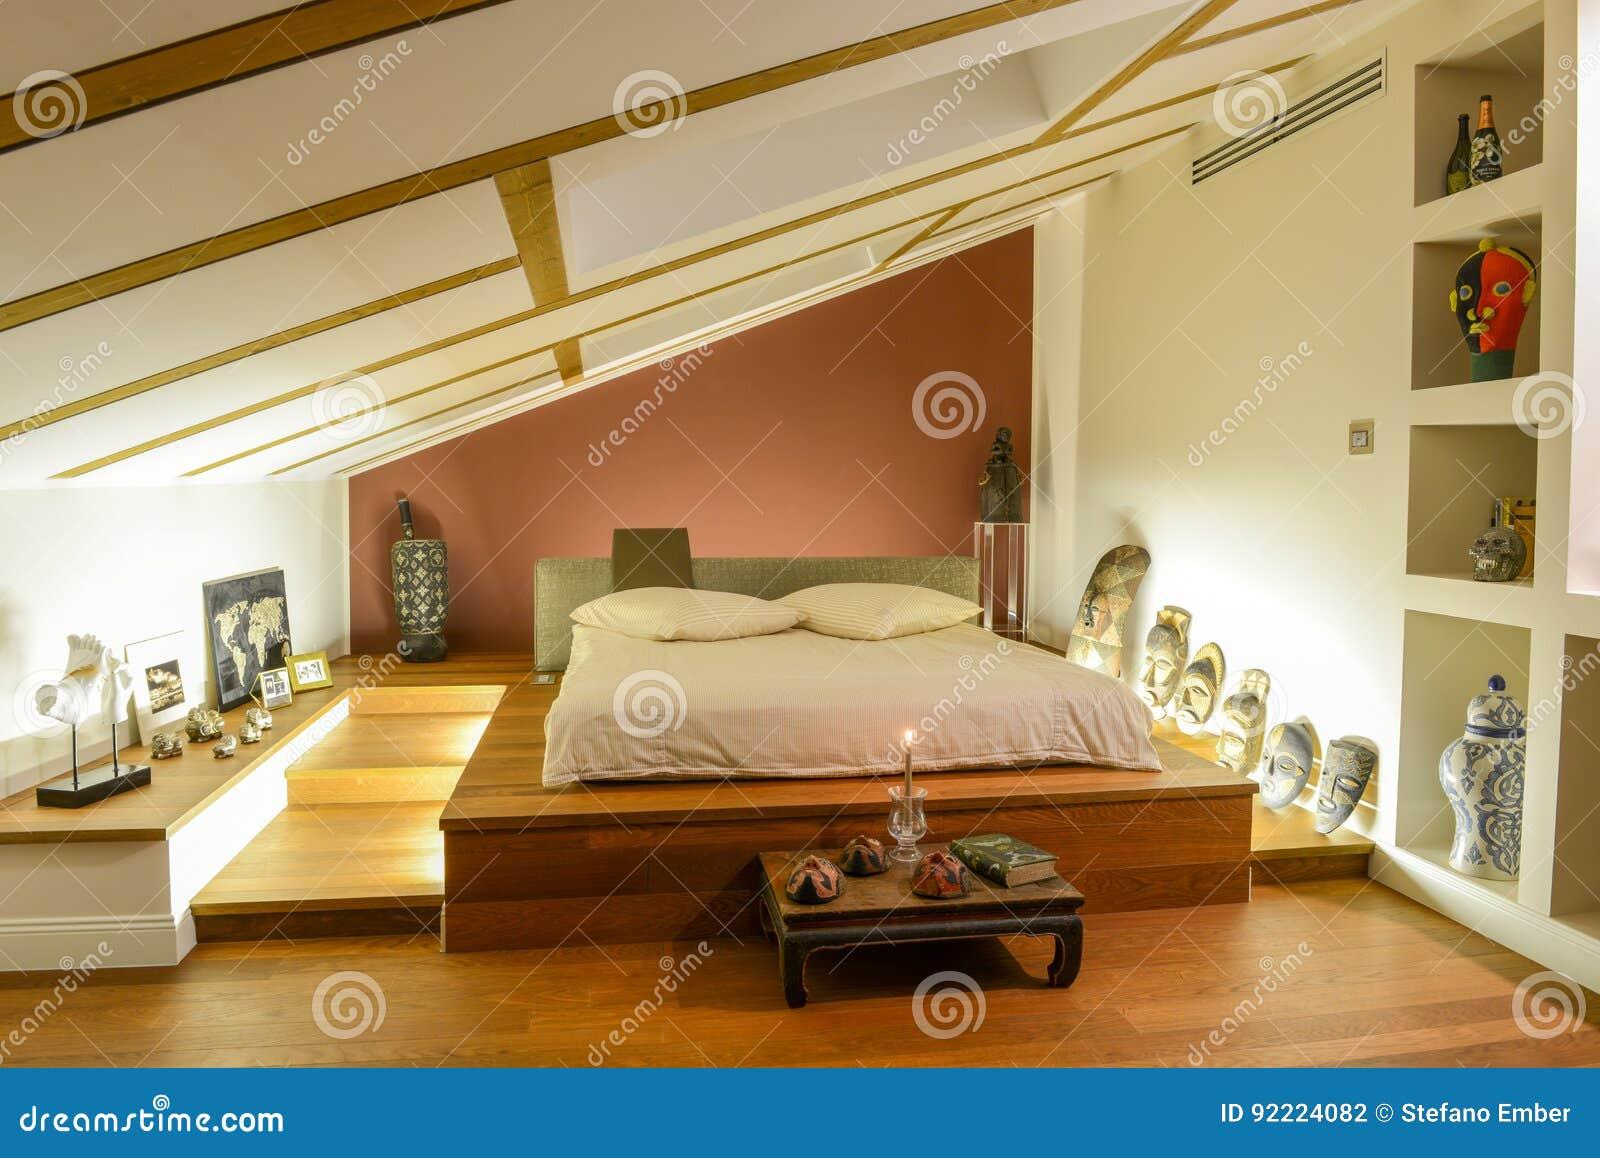 Moderne slaapkamer met afrikaanse decoratie redactionele